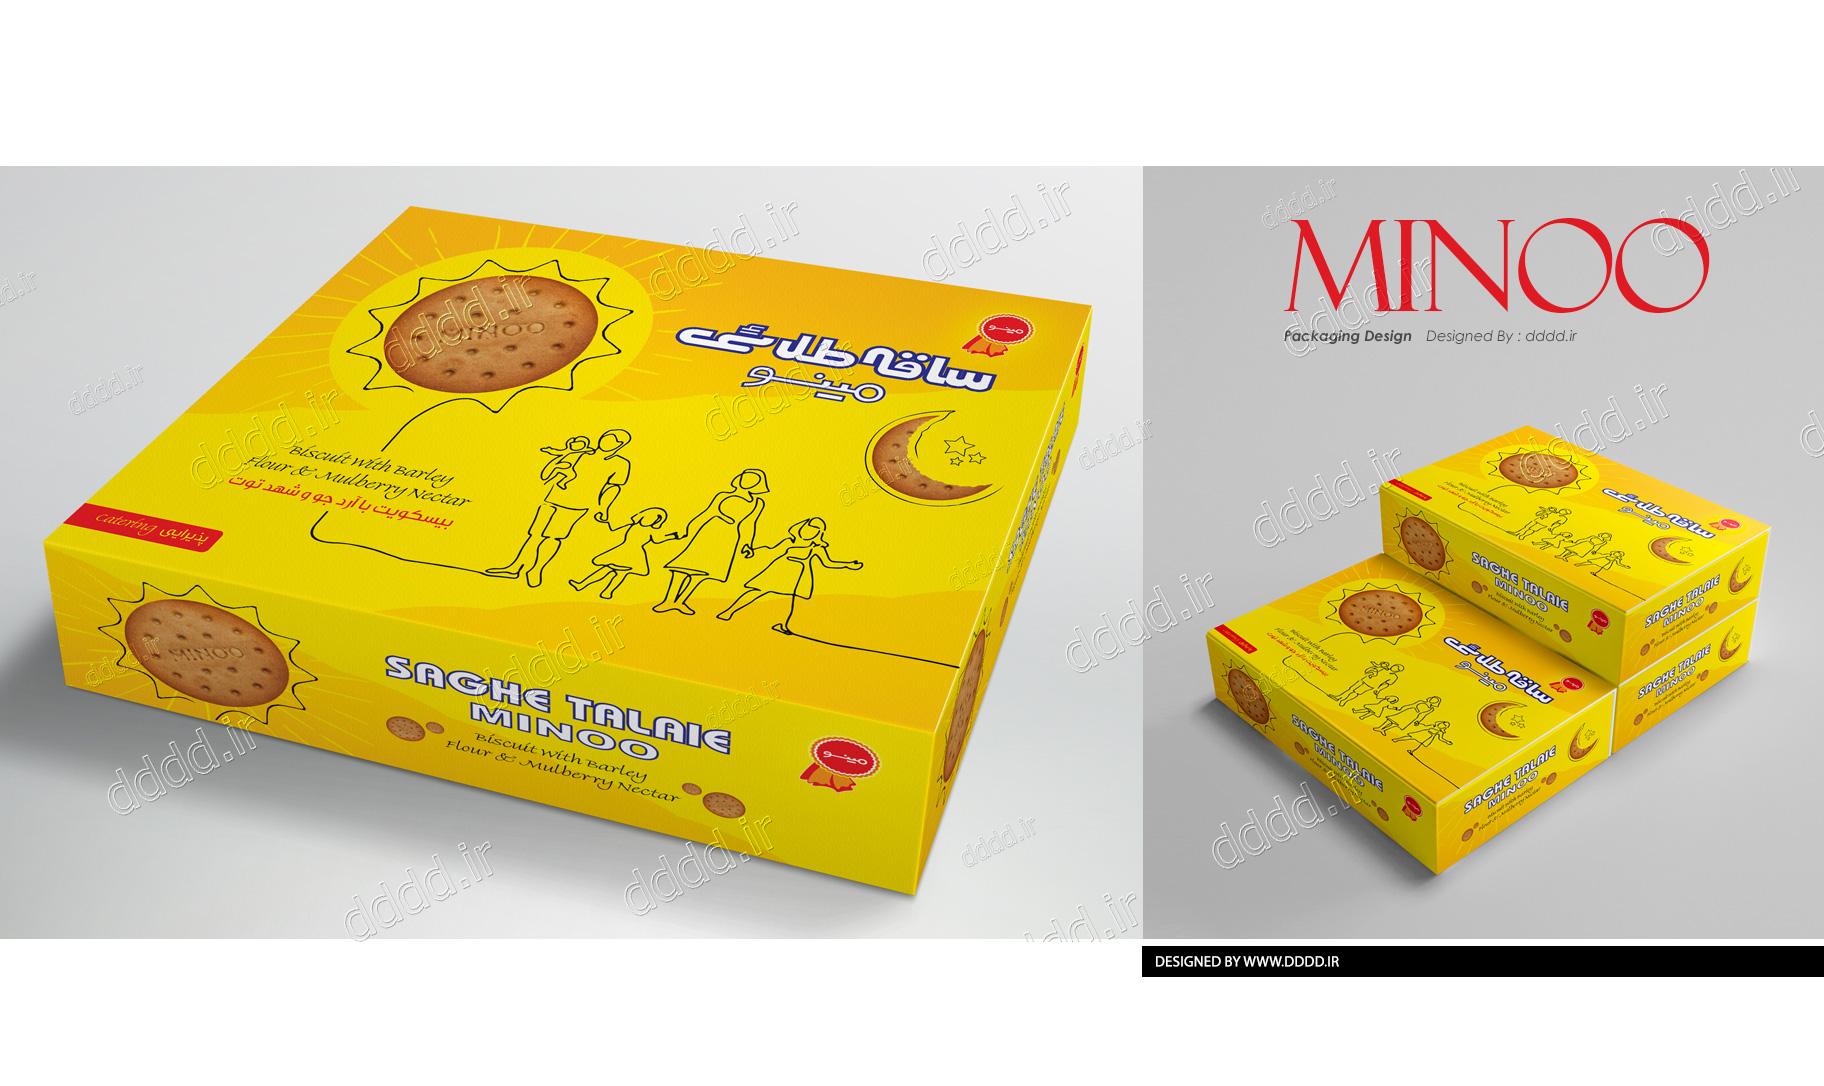 طراحی بسته بندی بیسکوئیت جعبه ای ساقه طلایی مینو